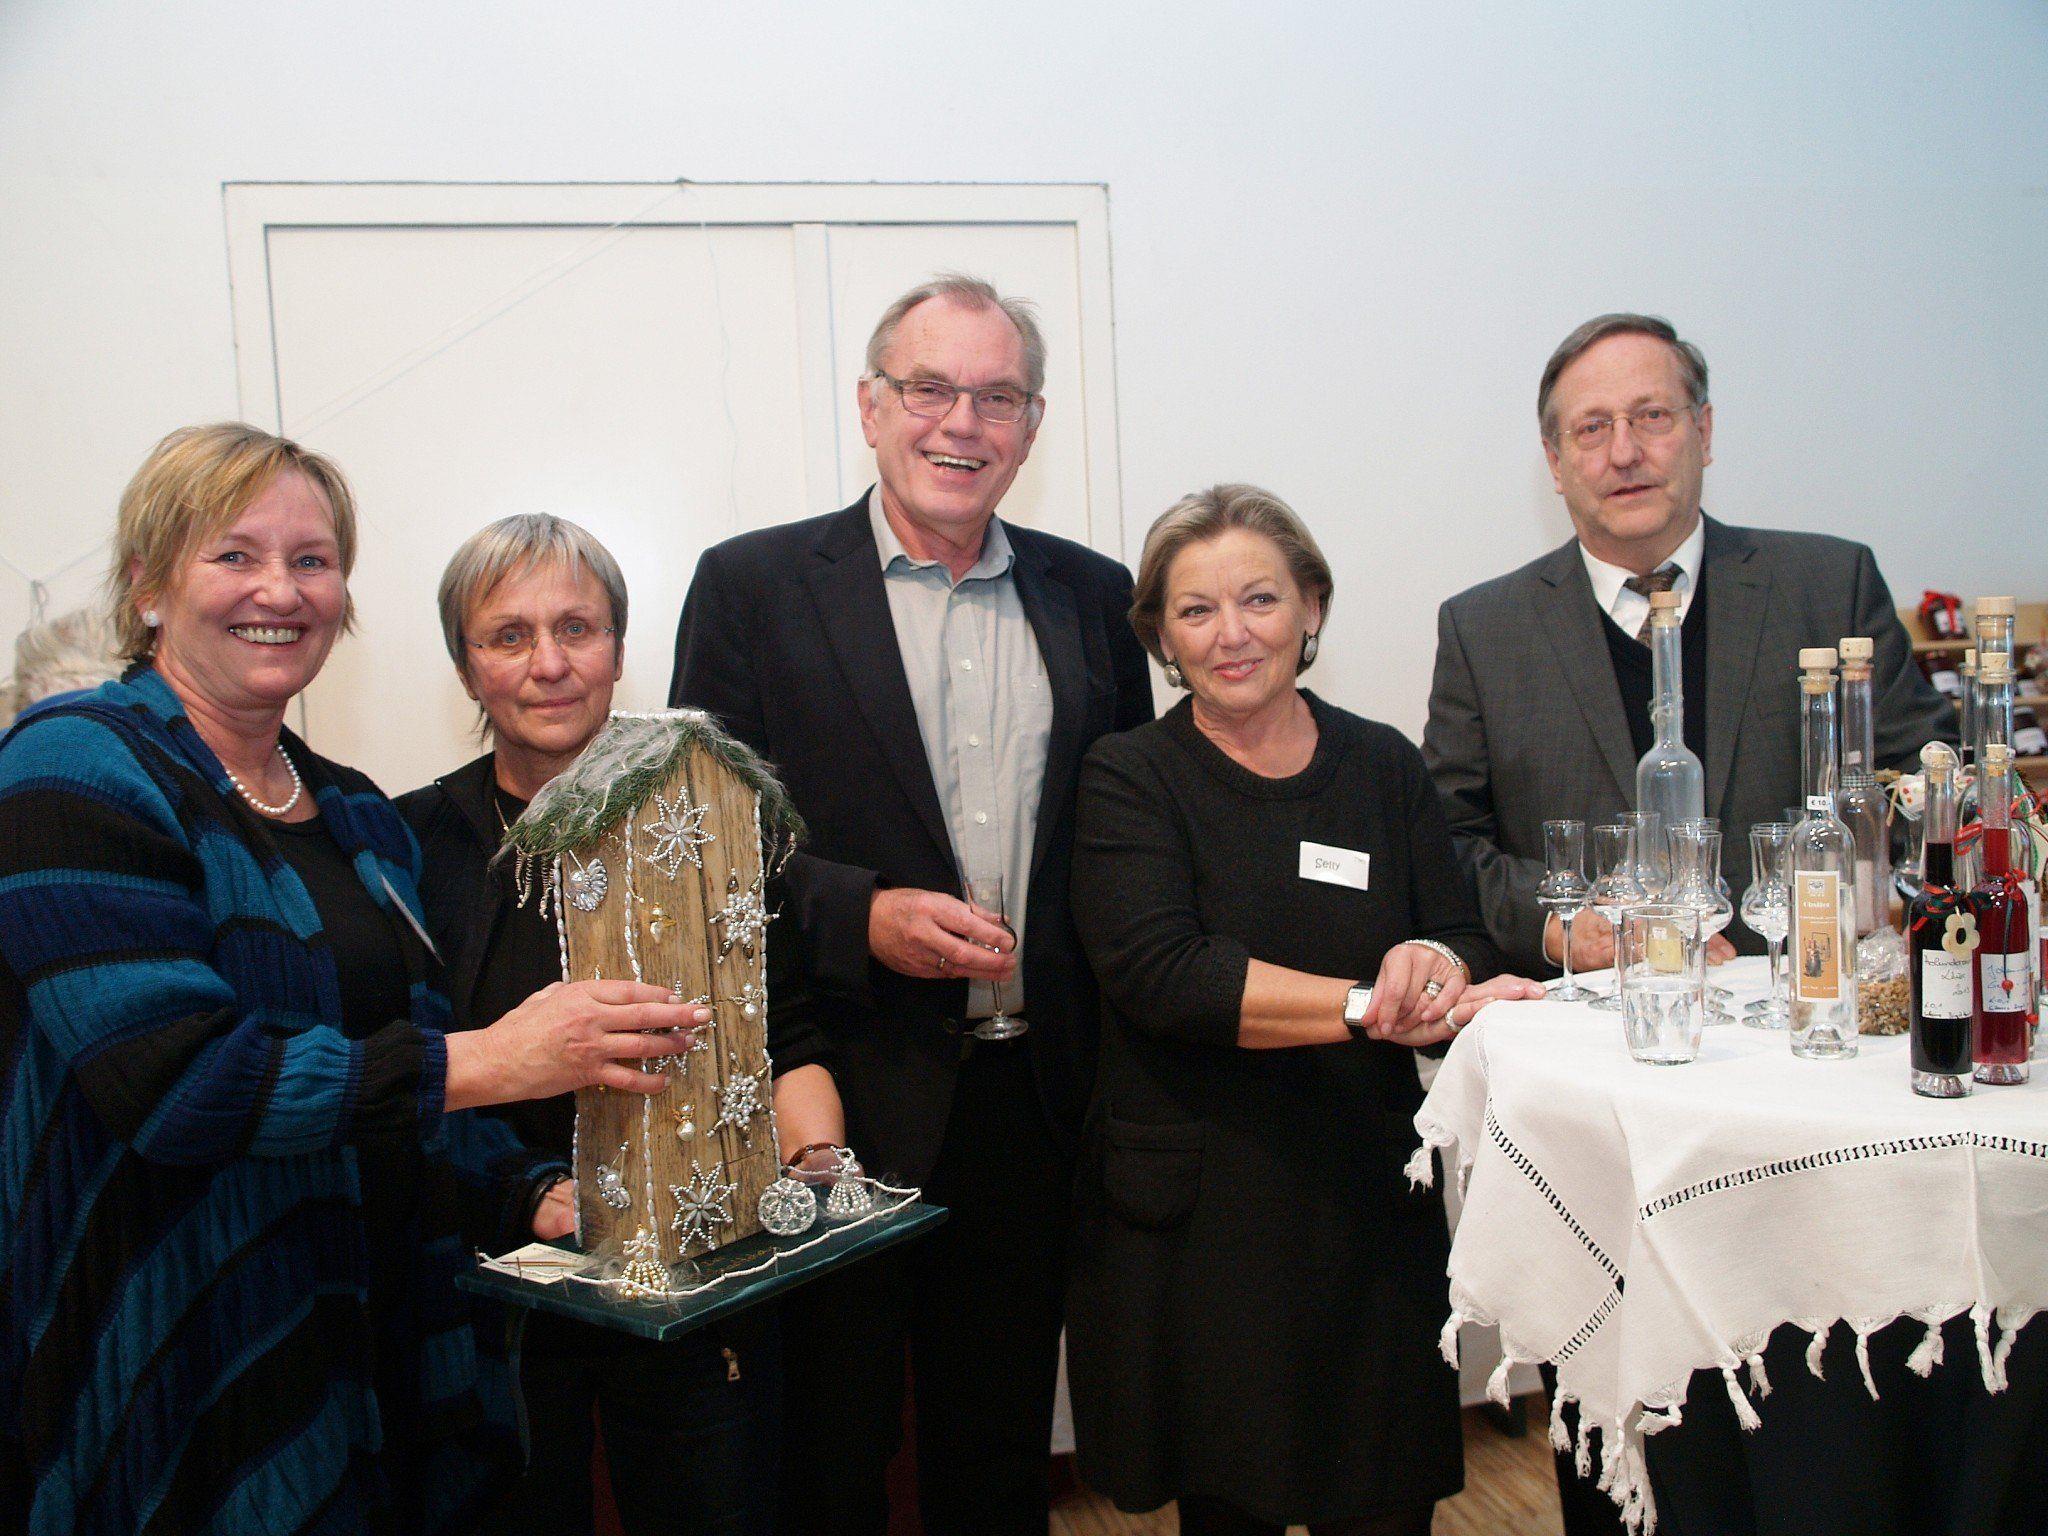 Ingrid Mathis, Ingrid Ionian, Altbürgermeister Hans Kohler, Selly Frick und Pfarrer Wilfried Blum bei der Versteigerung der handgefertigten Unikate.